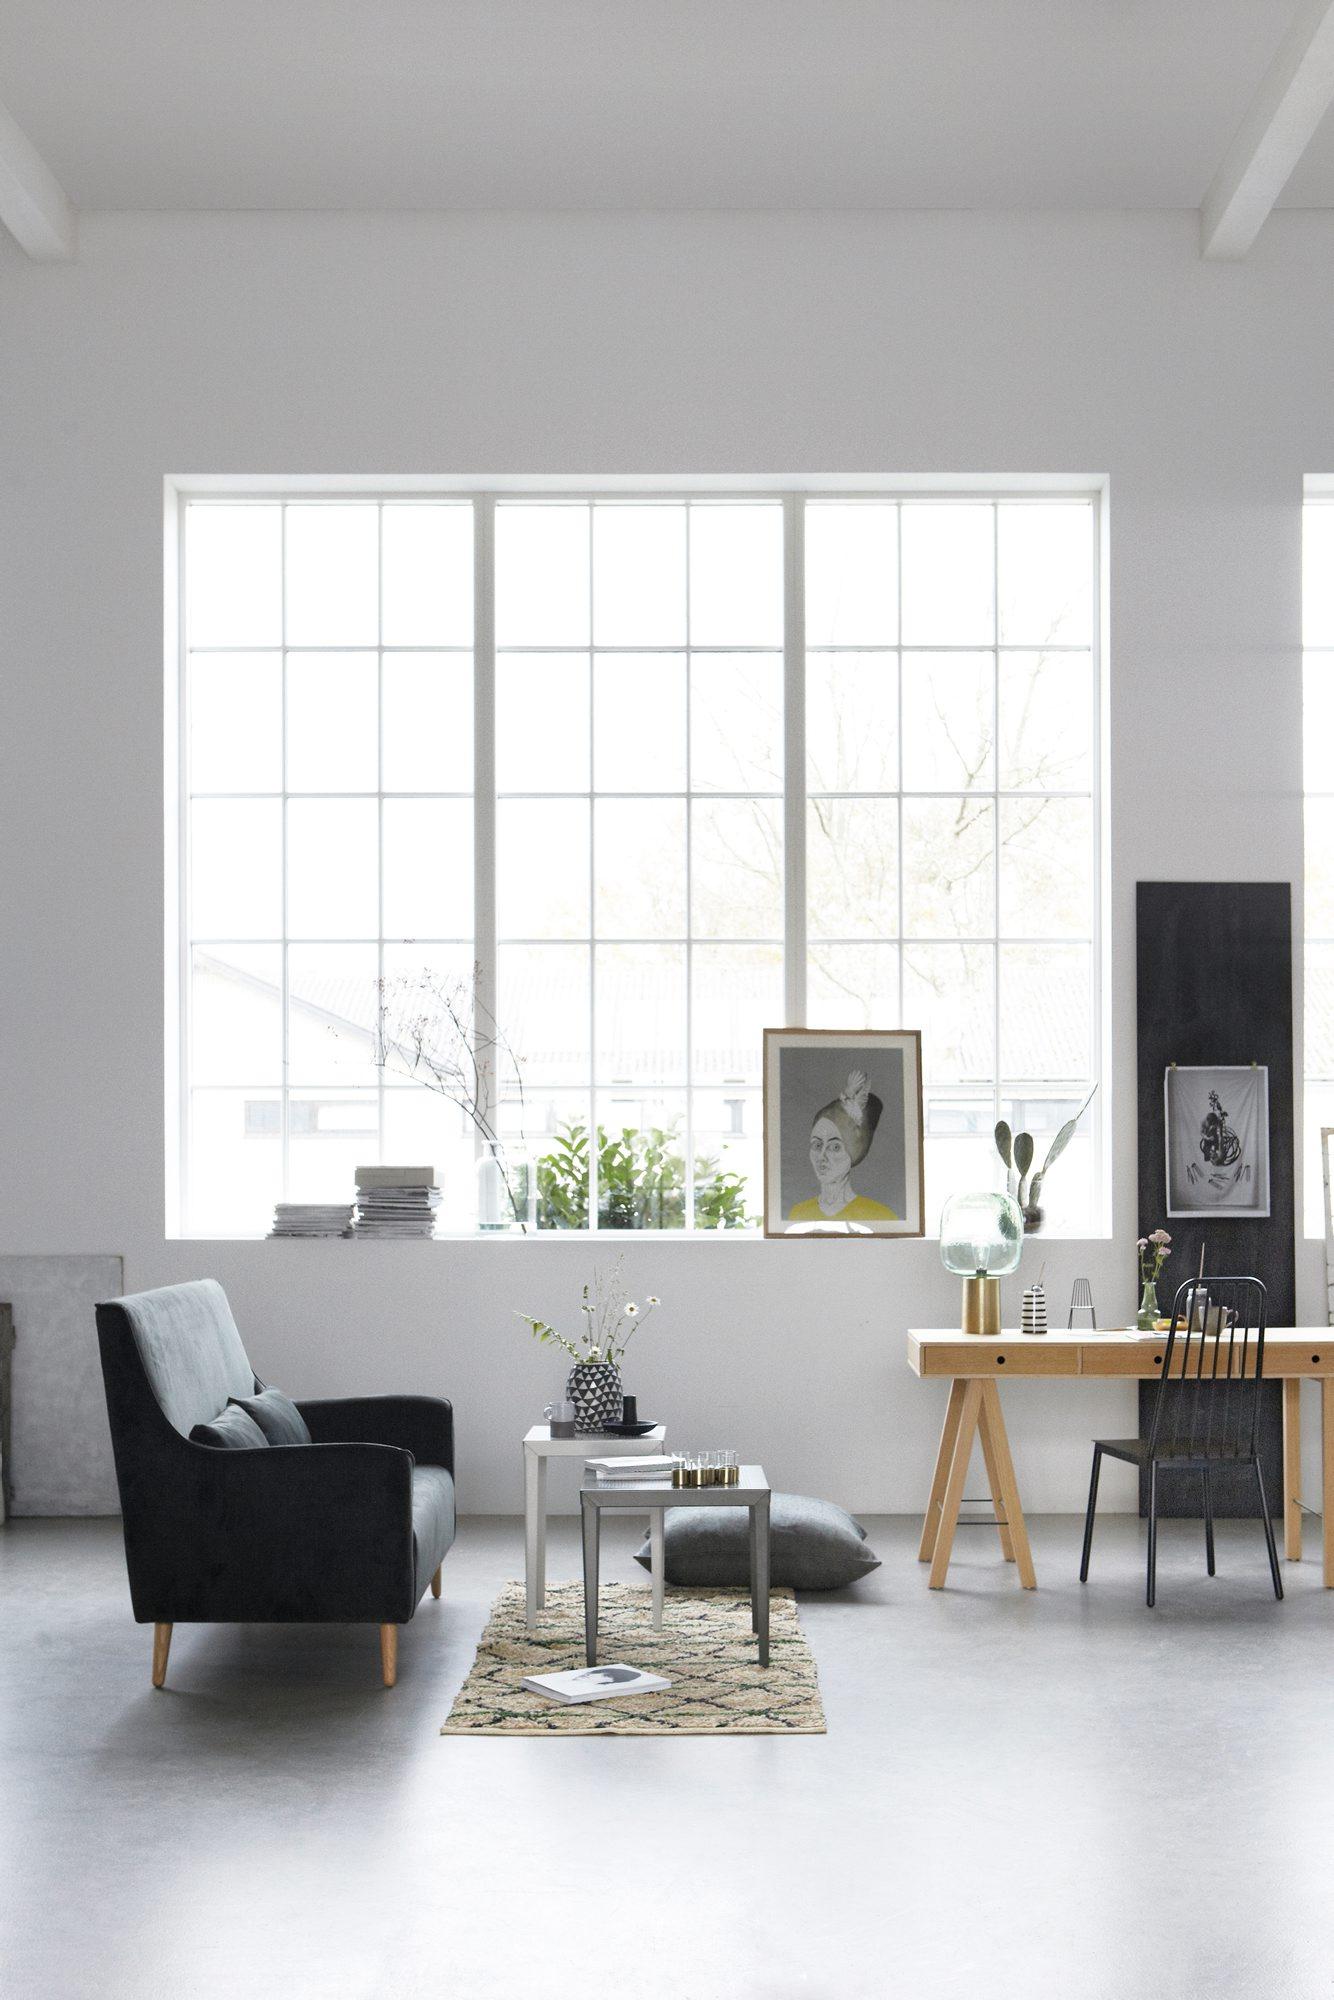 Skap en hyggelig sone i et hjørne av stuen. Dekorere med favorittgjenstander og dekorative bilder og la din kreative side få boltre seg - uten at det koster skjorta. FOTO: Bulls